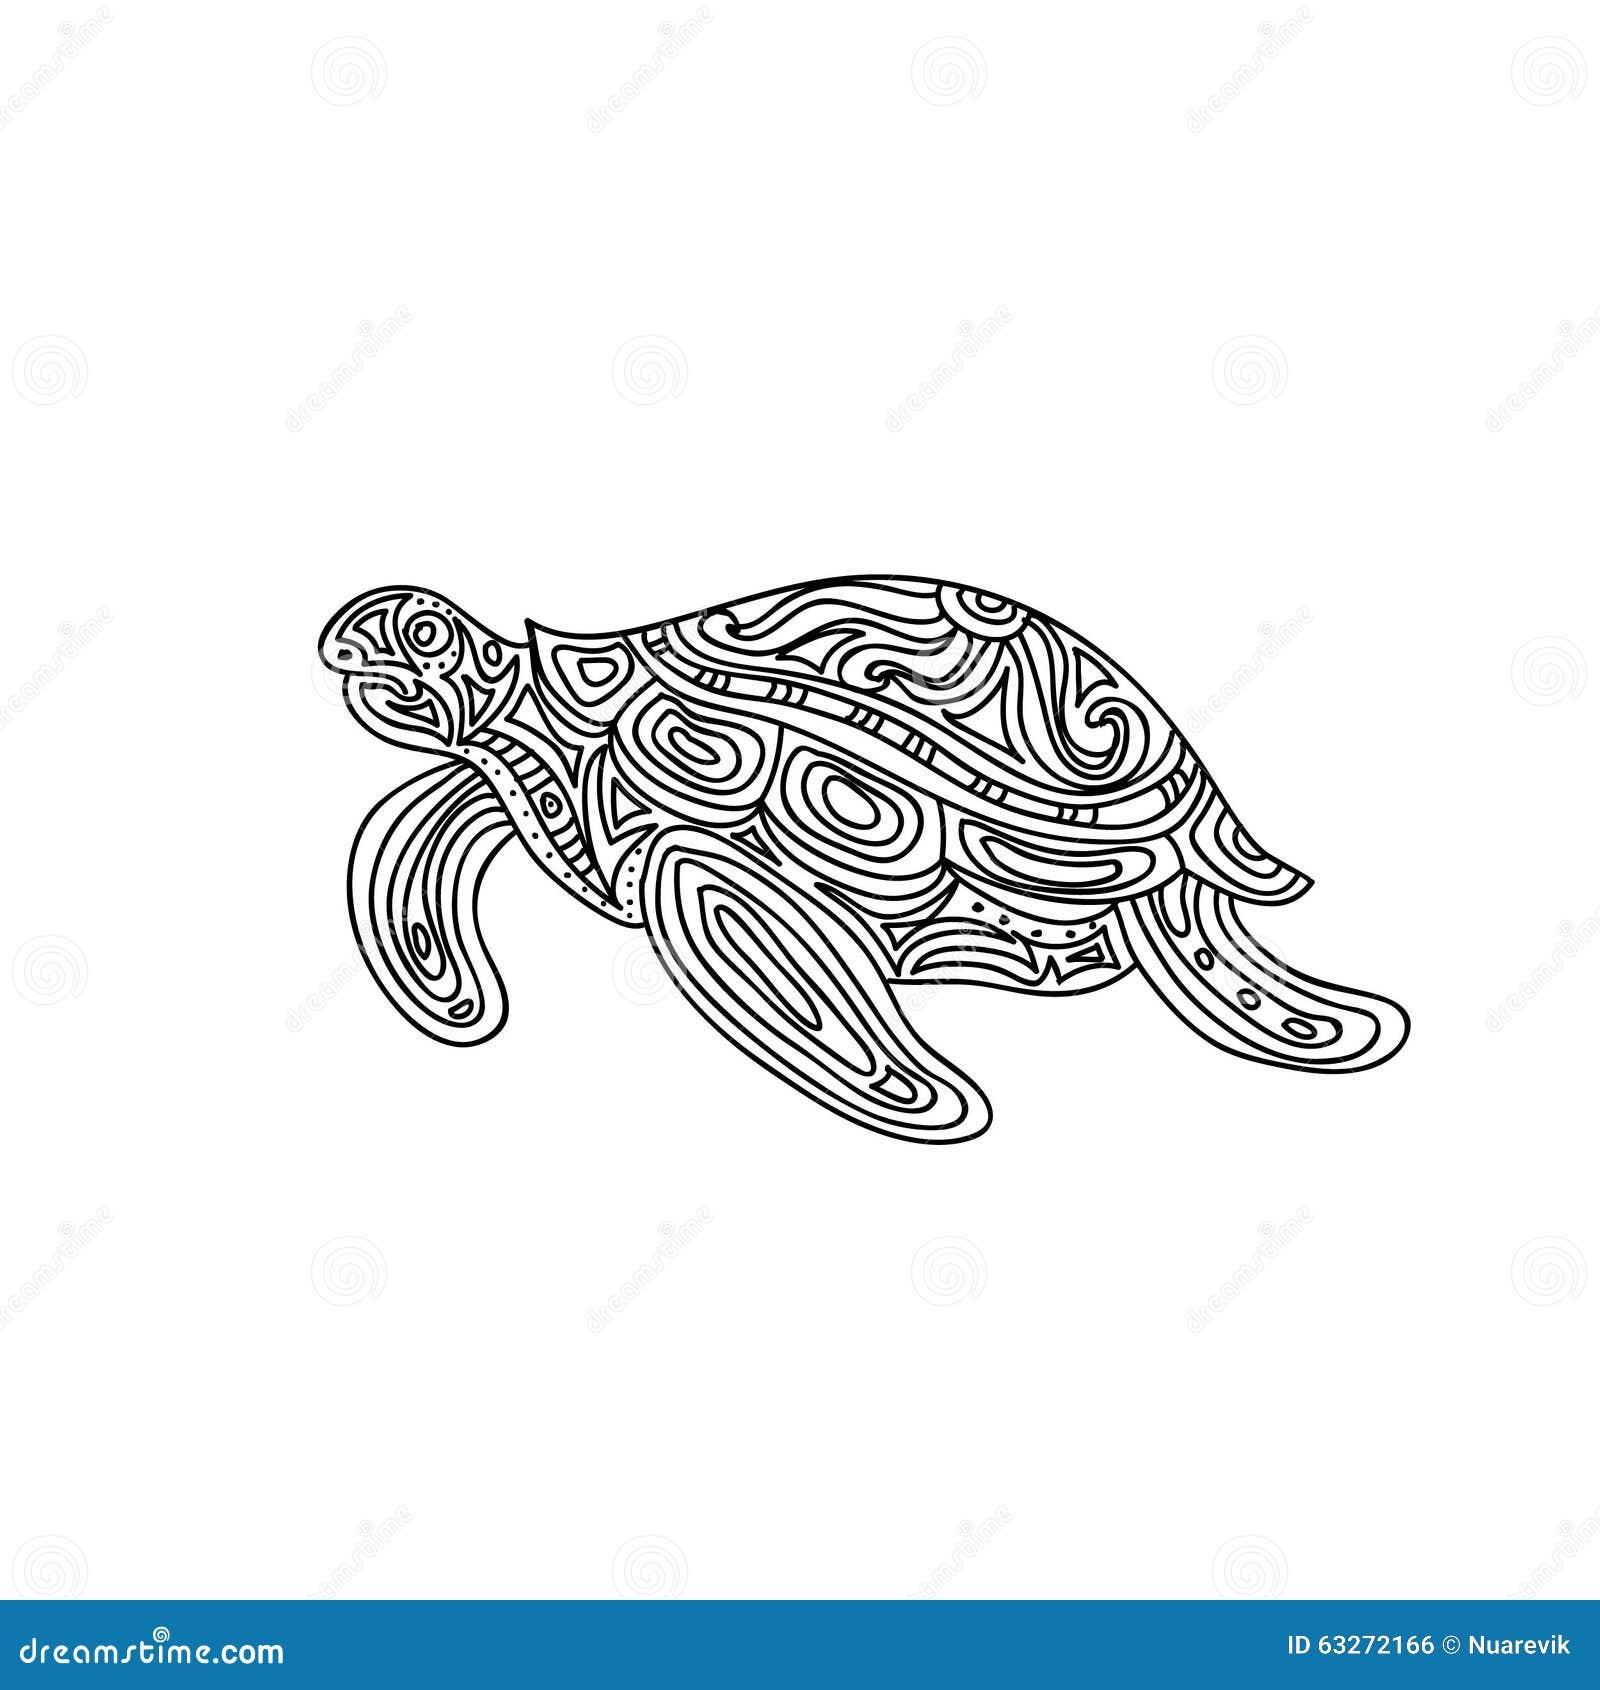 Schildkrte Zentangle Farbtonseite Stock Abbildung Bild 63272166